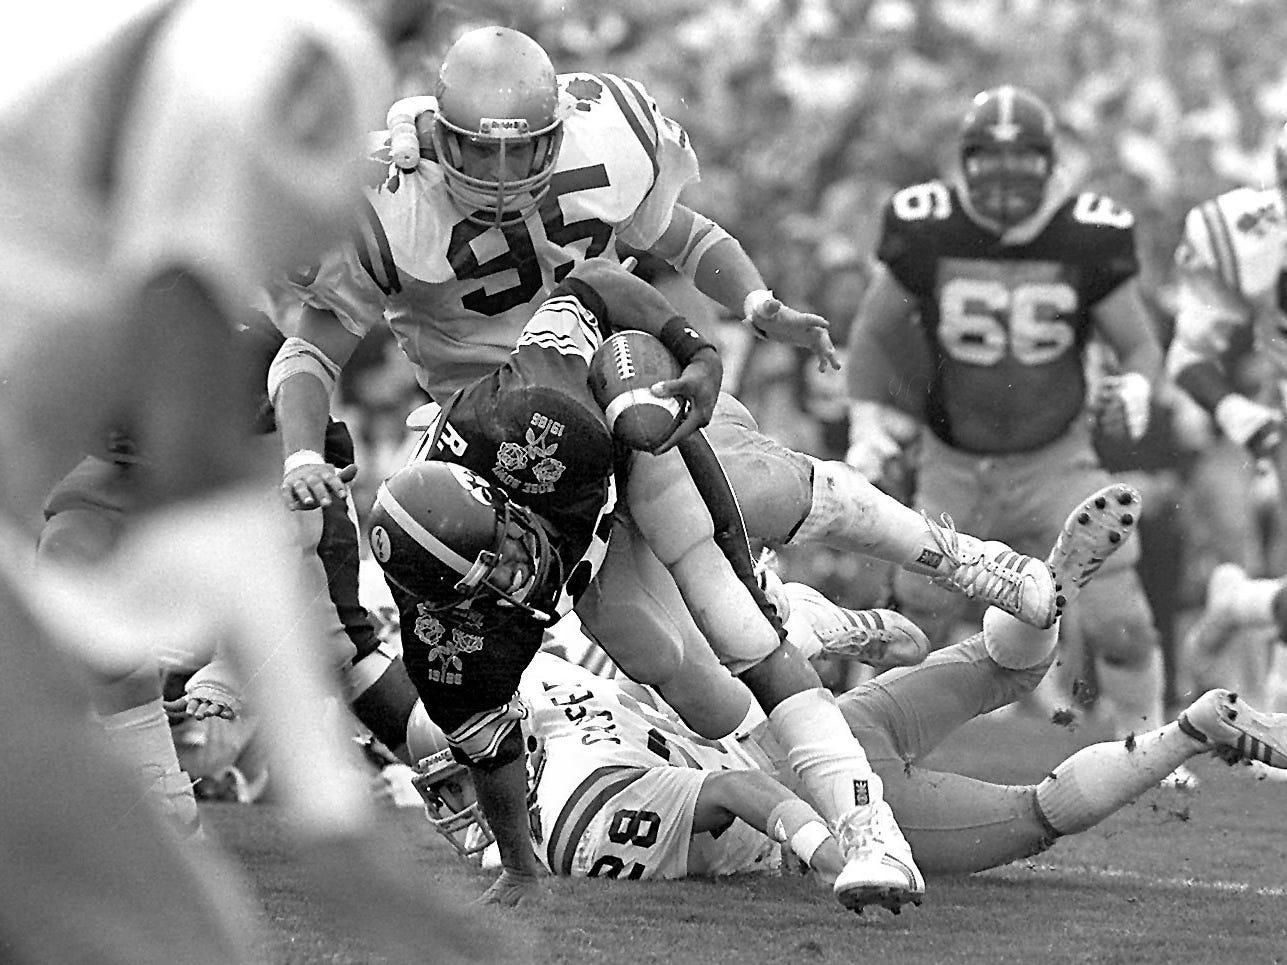 Iowa's Ronnie Harmon shown in the 1986 Rose Bowl against Washington.